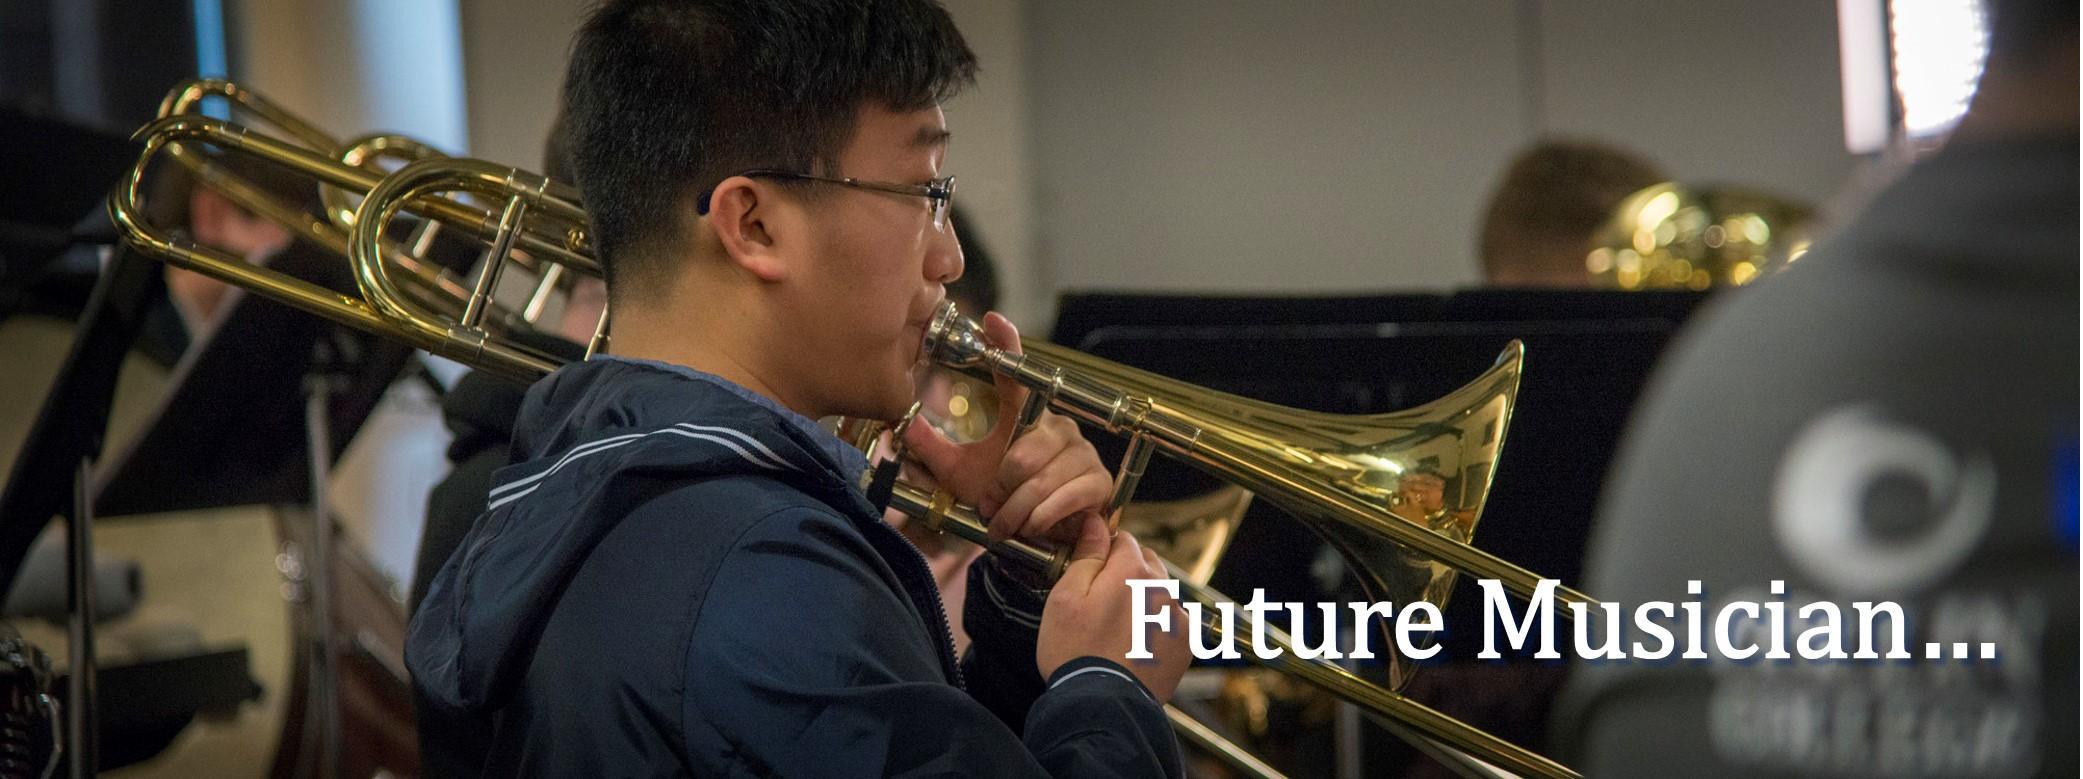 Future musician . . .